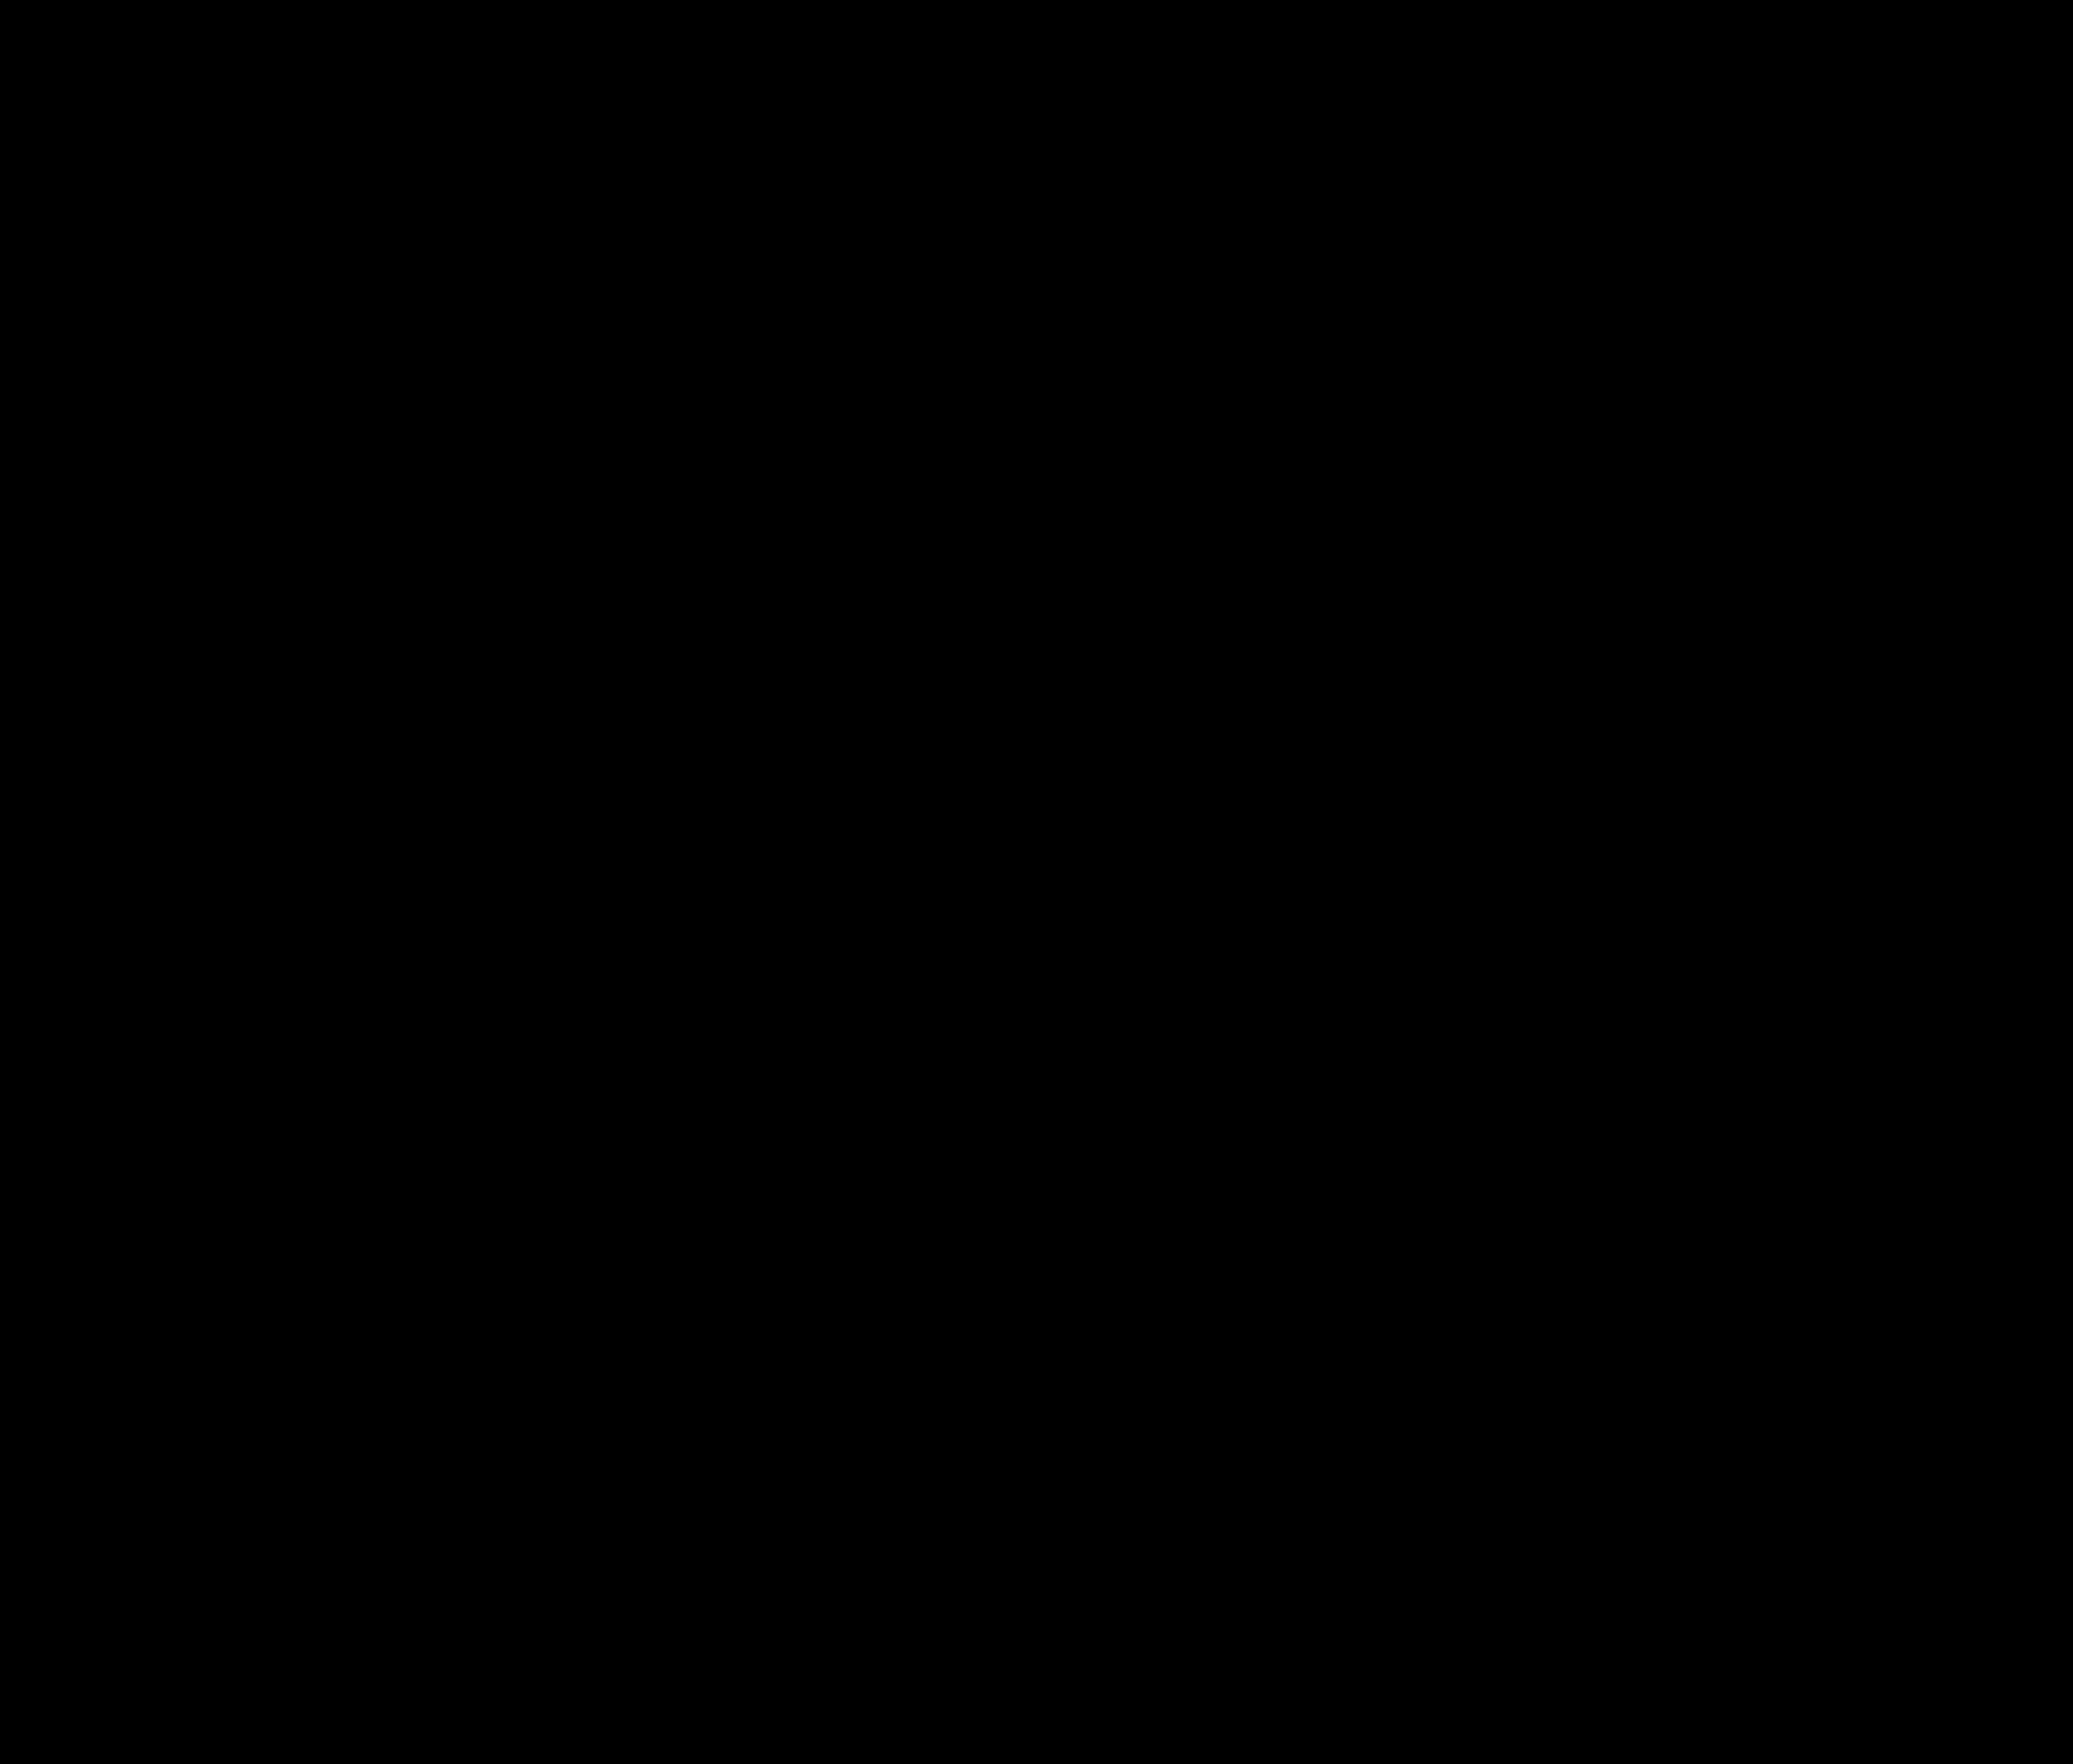 Farm clipart symbol. Computer icons clip art